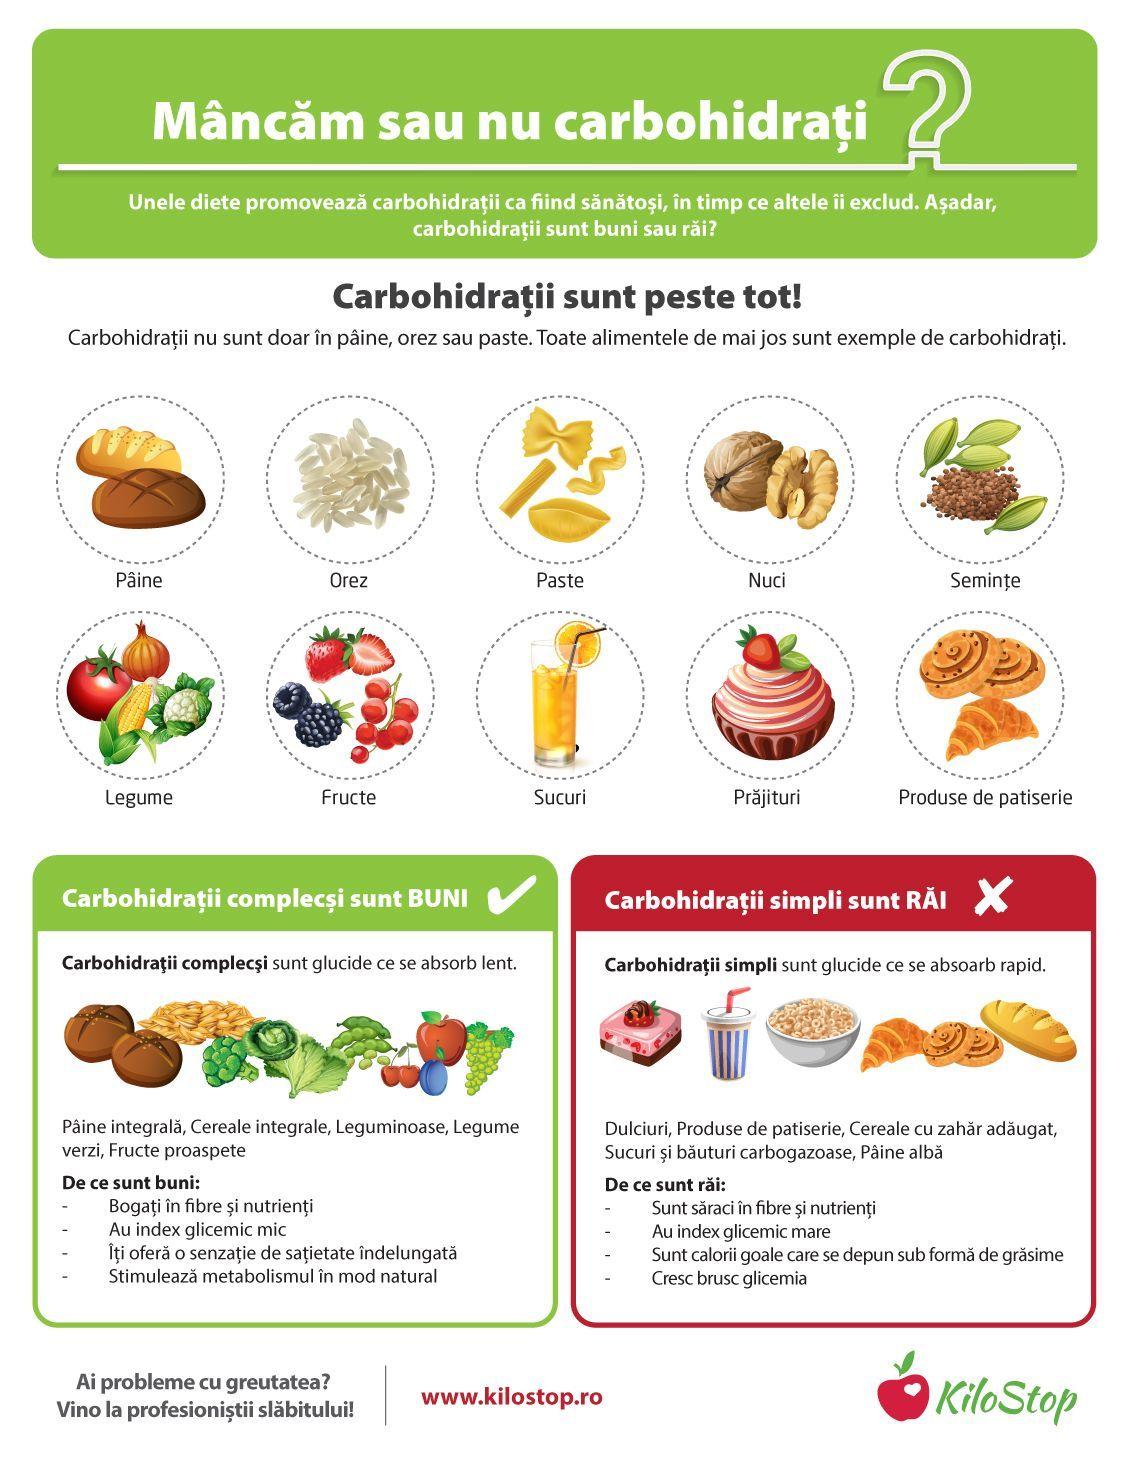 pierderea în greutate nu rezultă zahăr)